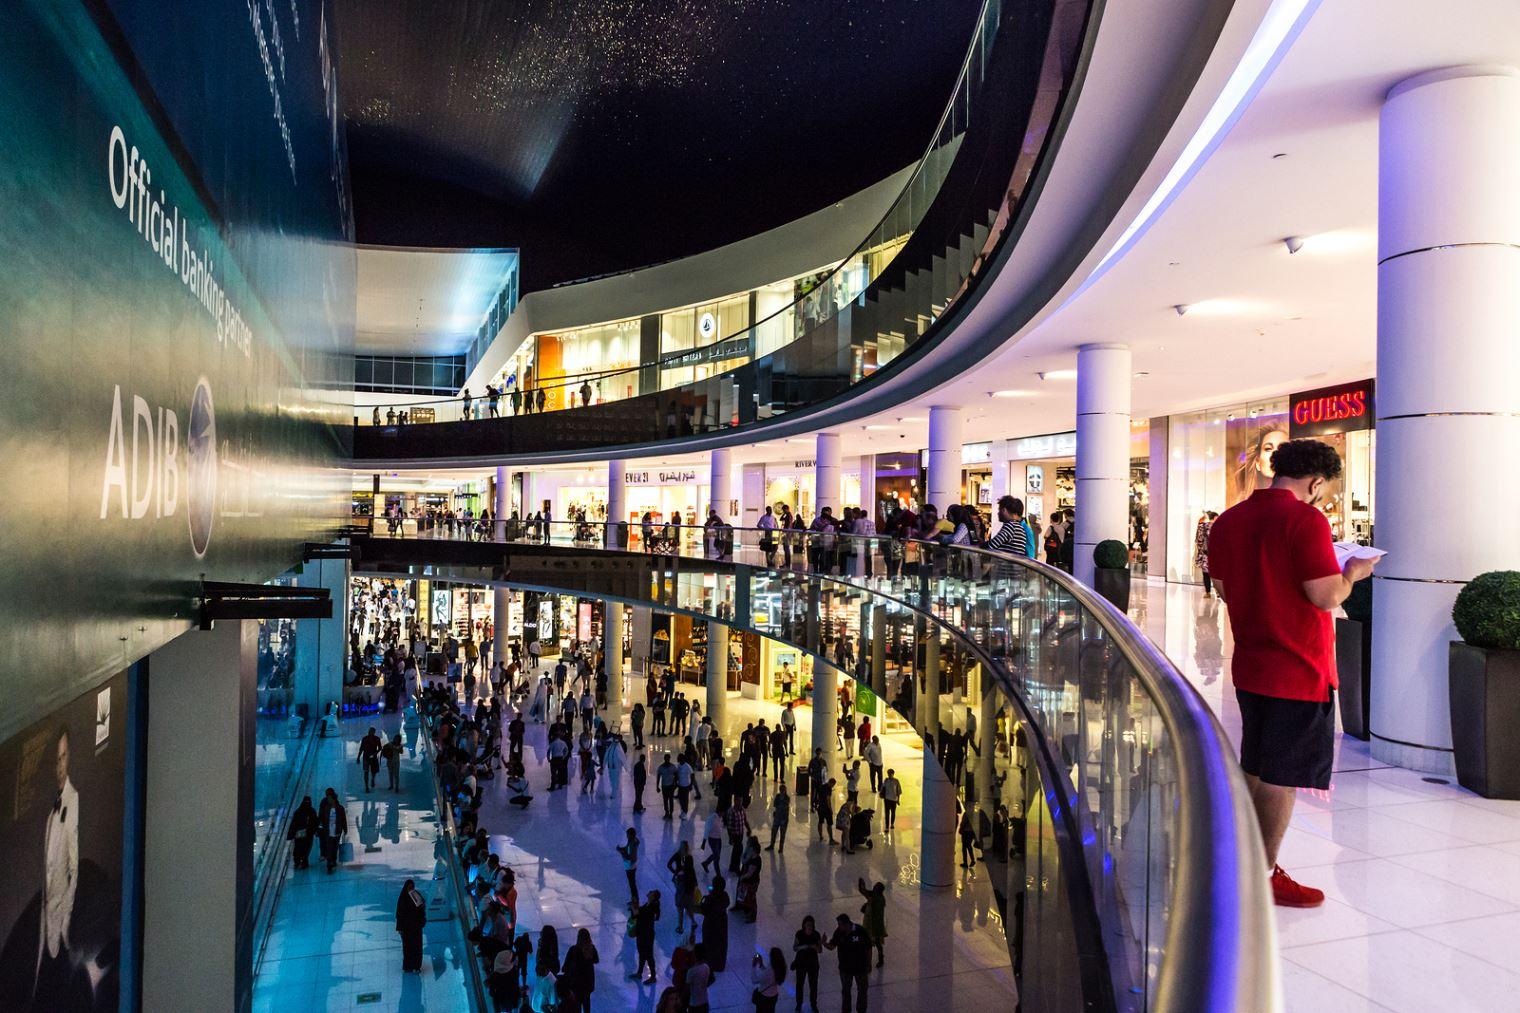 دبي ثانية مدن العالم في انتشار العلامات الفاخرة